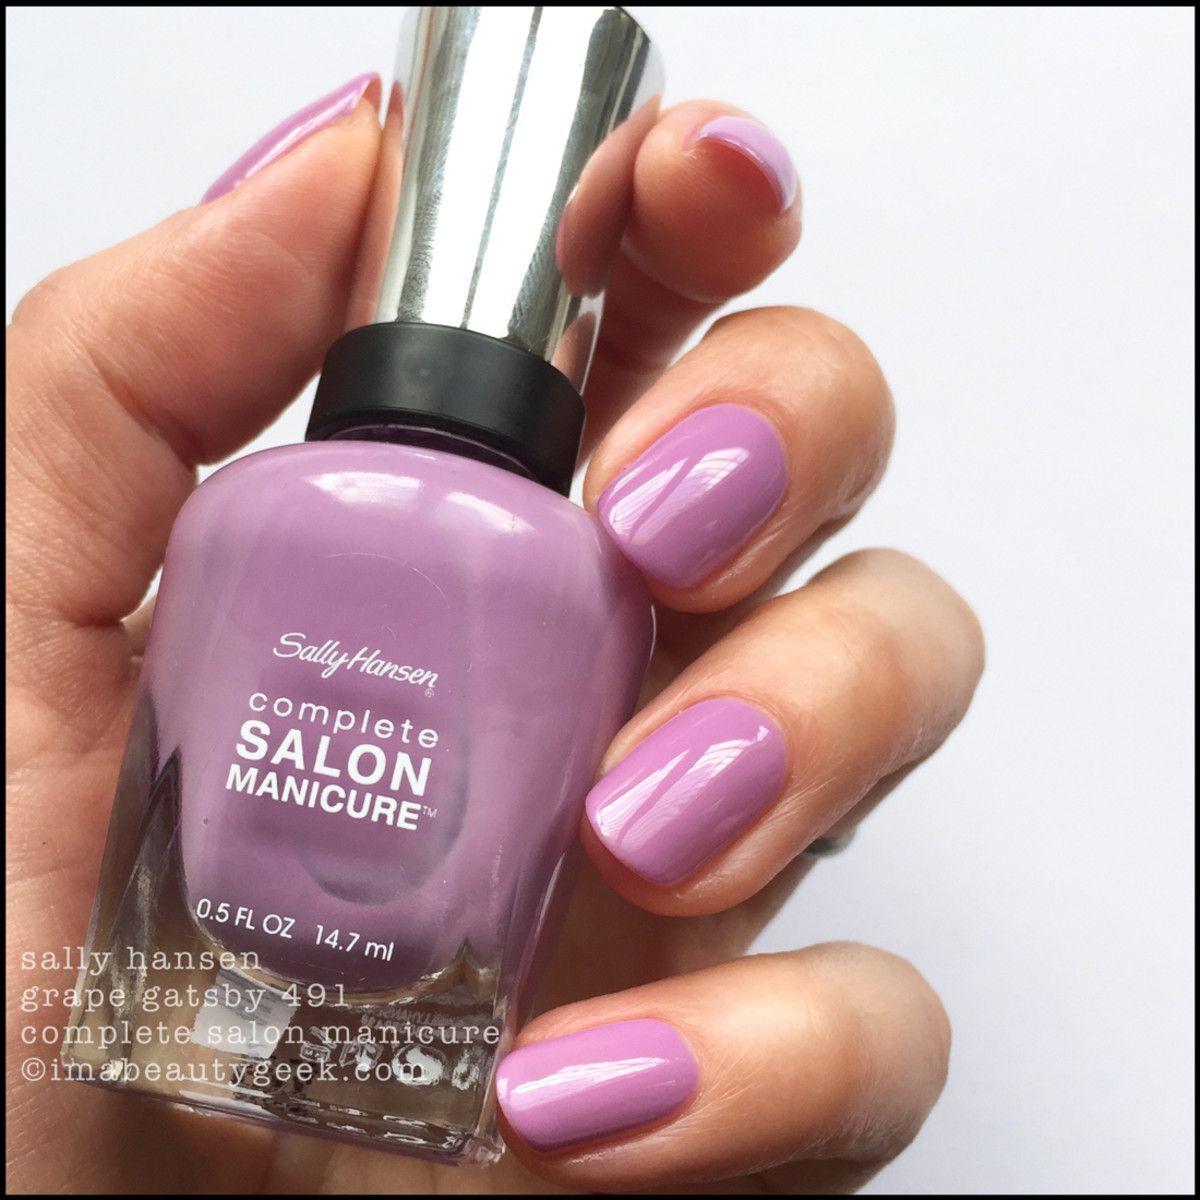 sally hansen summer 2017 collection - grape gatsby   nail colors